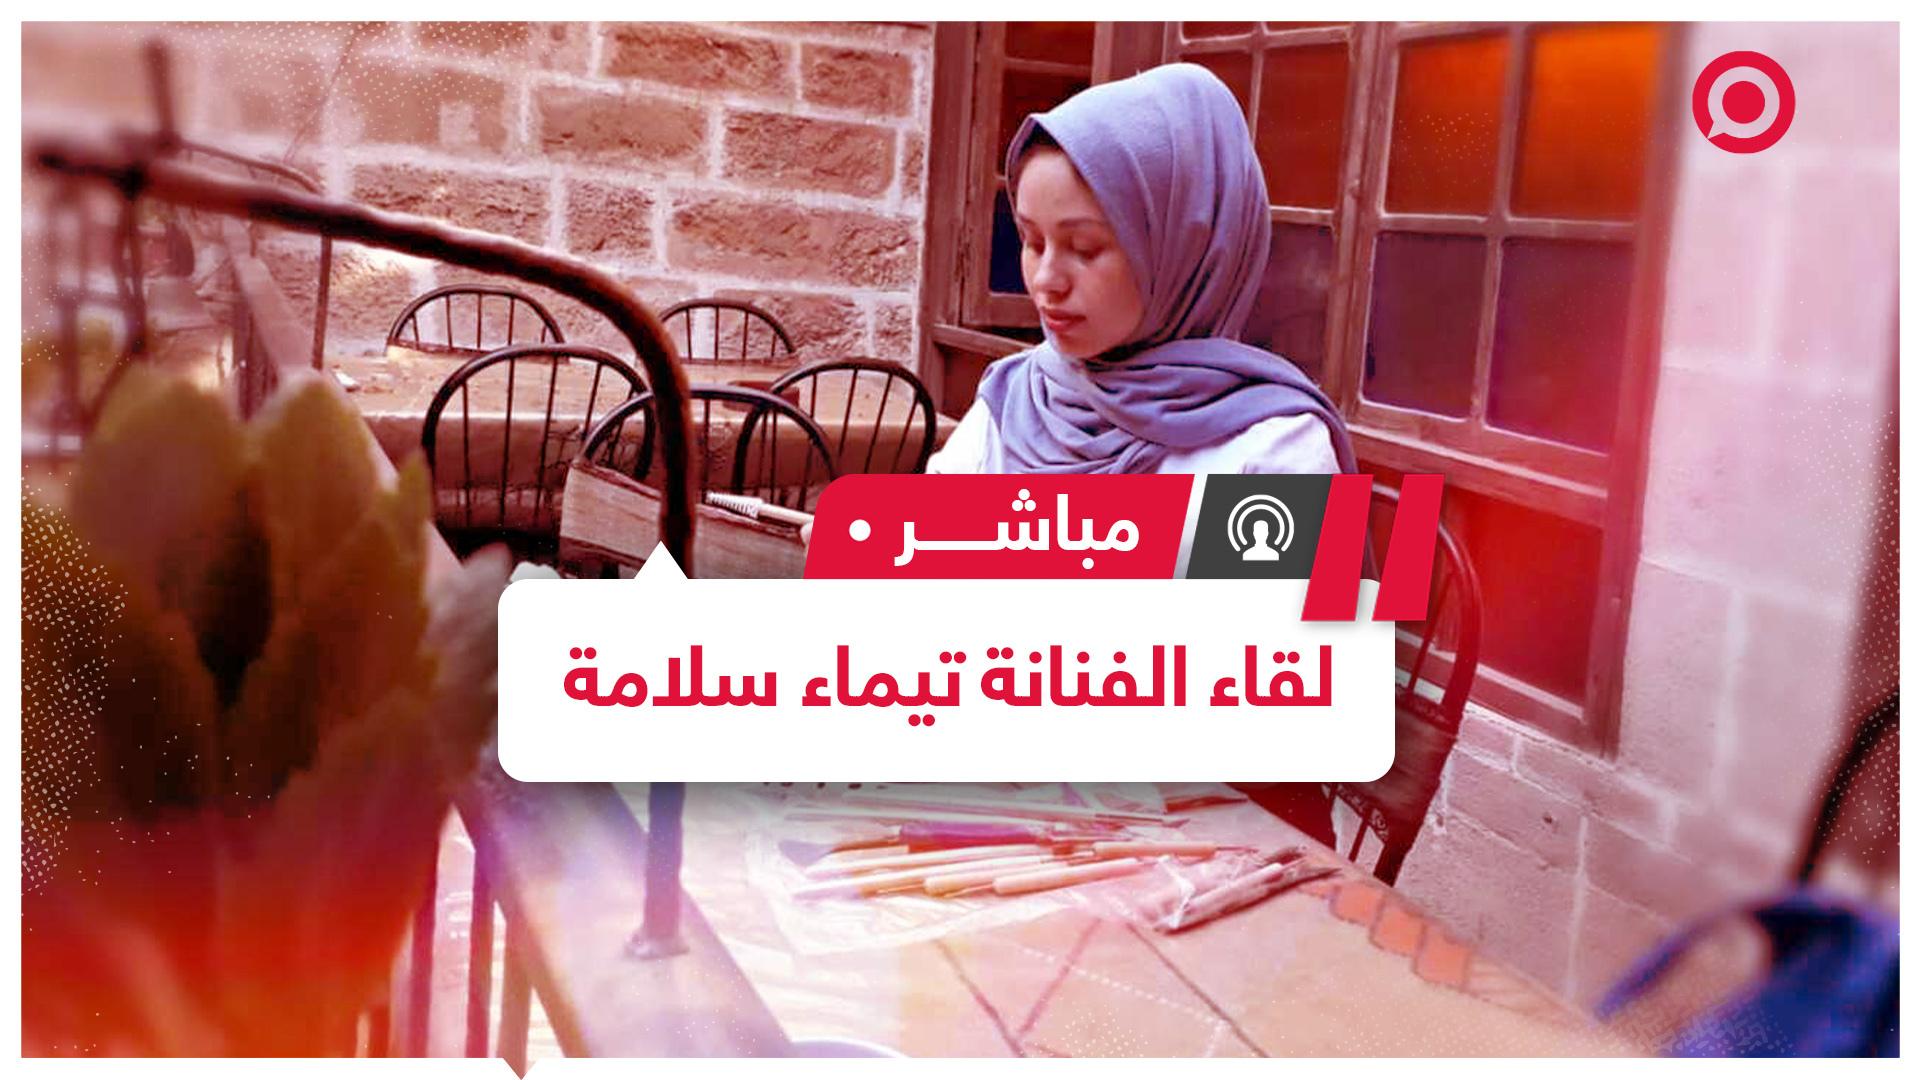 الفنانة الفلسطينية تيماء سلامة تقدم مشروعا فنيا خاصا للمكفوفين